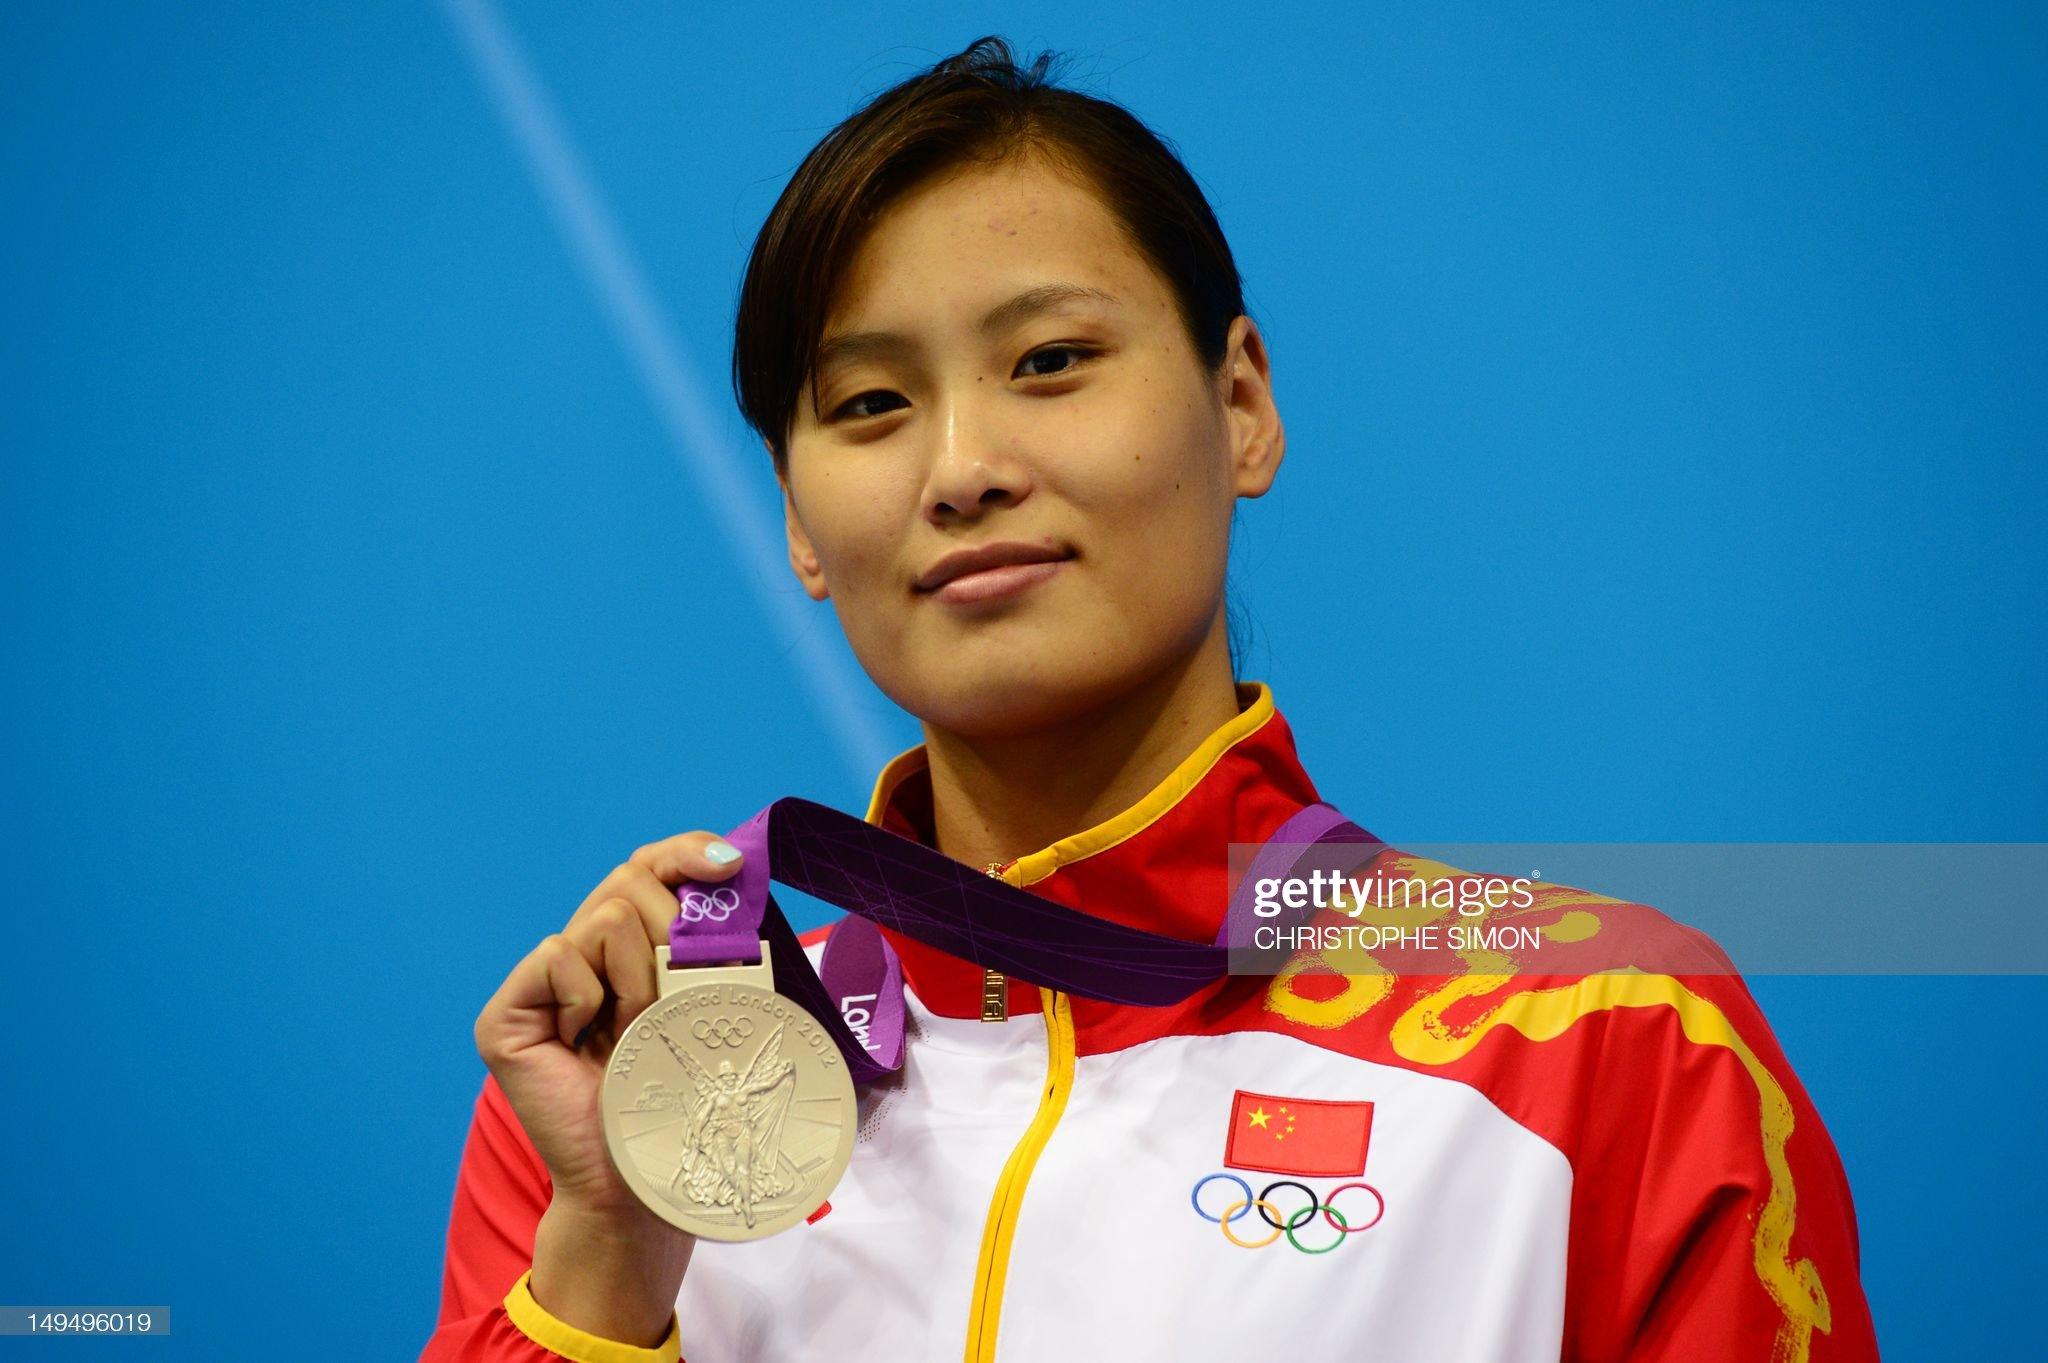 China's silver medalist Lu Ying poses on : Fotografía de noticias